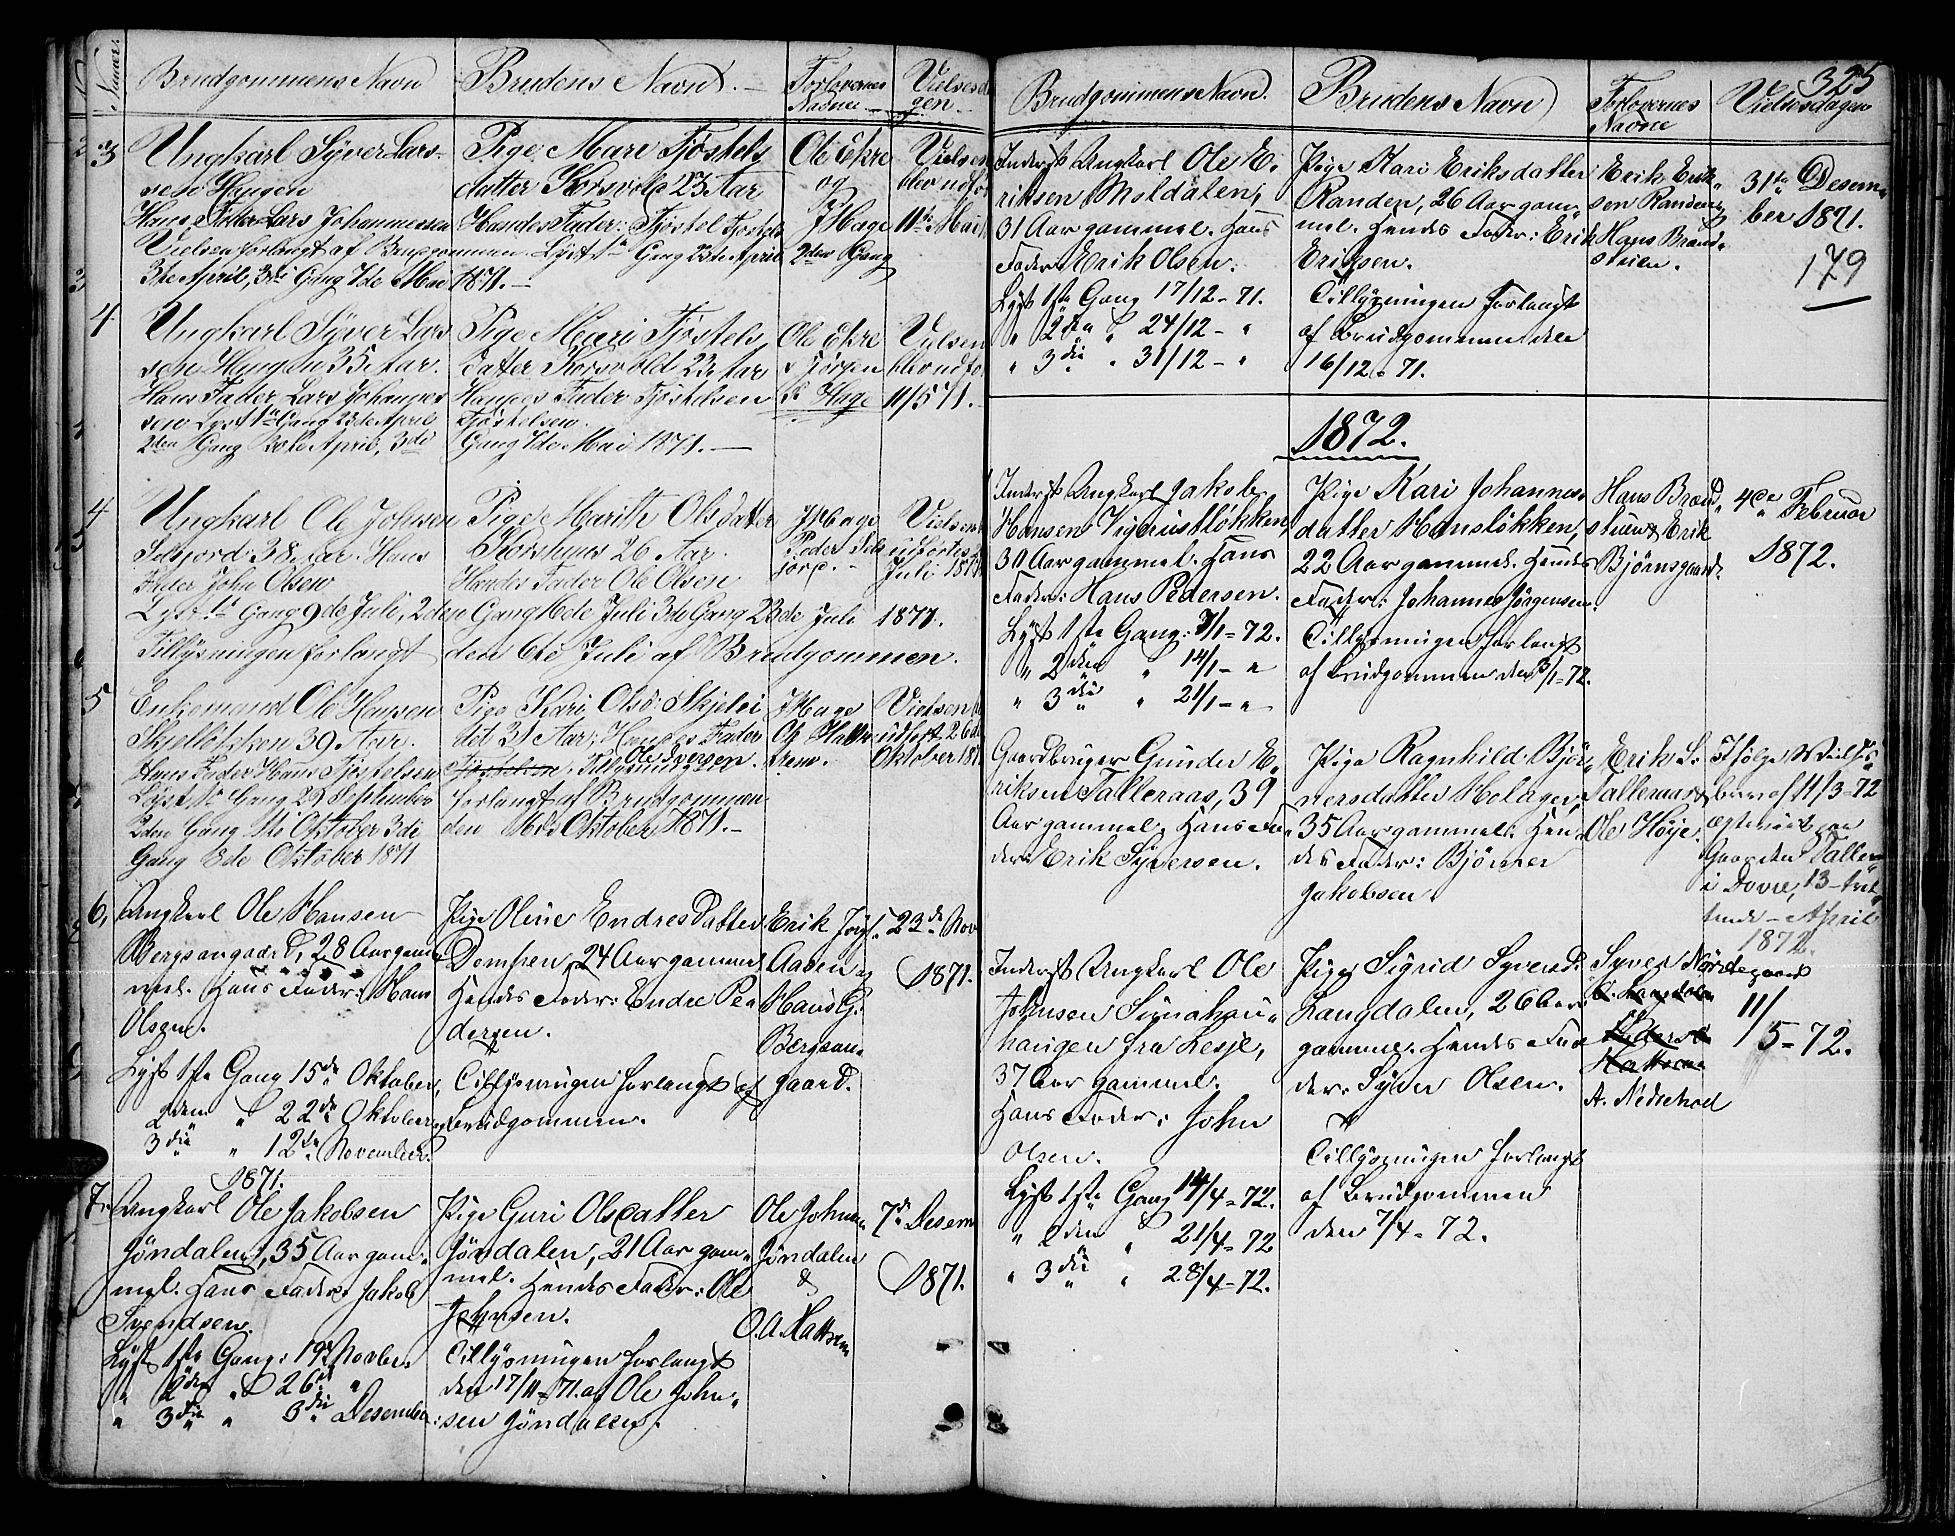 SAH, Dovre prestekontor, Klokkerbok nr. 1, 1862-1880, s. 325